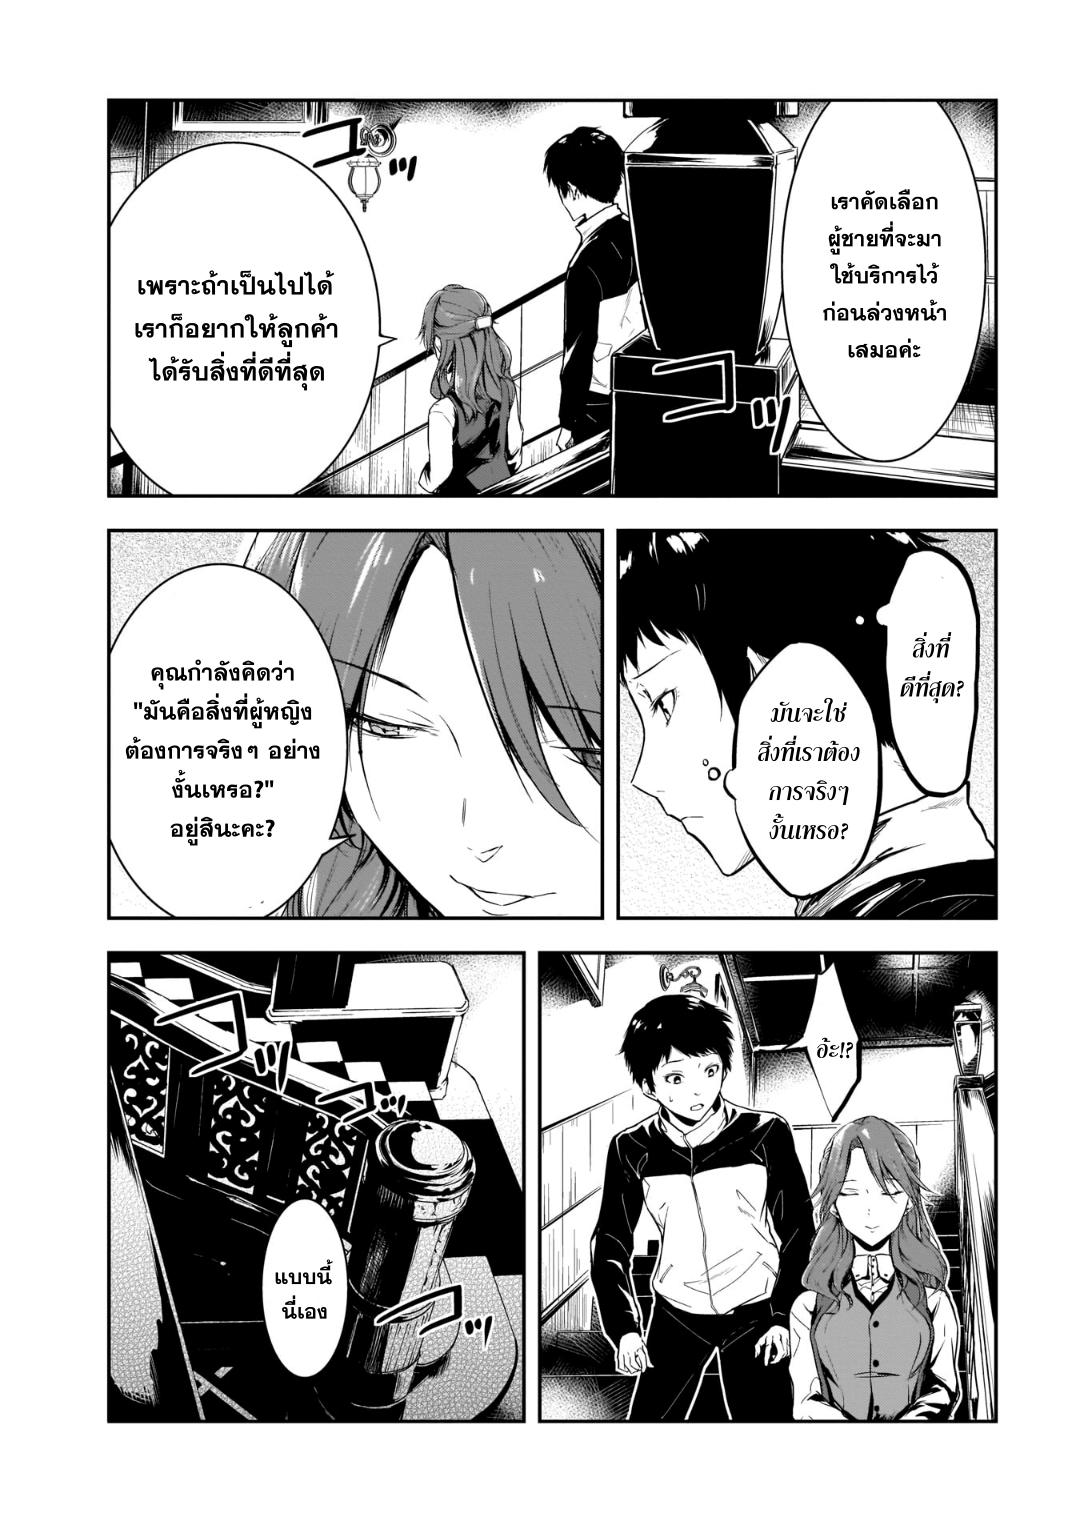 อ่านการ์ตูน Kanojo Gacha ตอนที่ 13 หน้าที่ 7